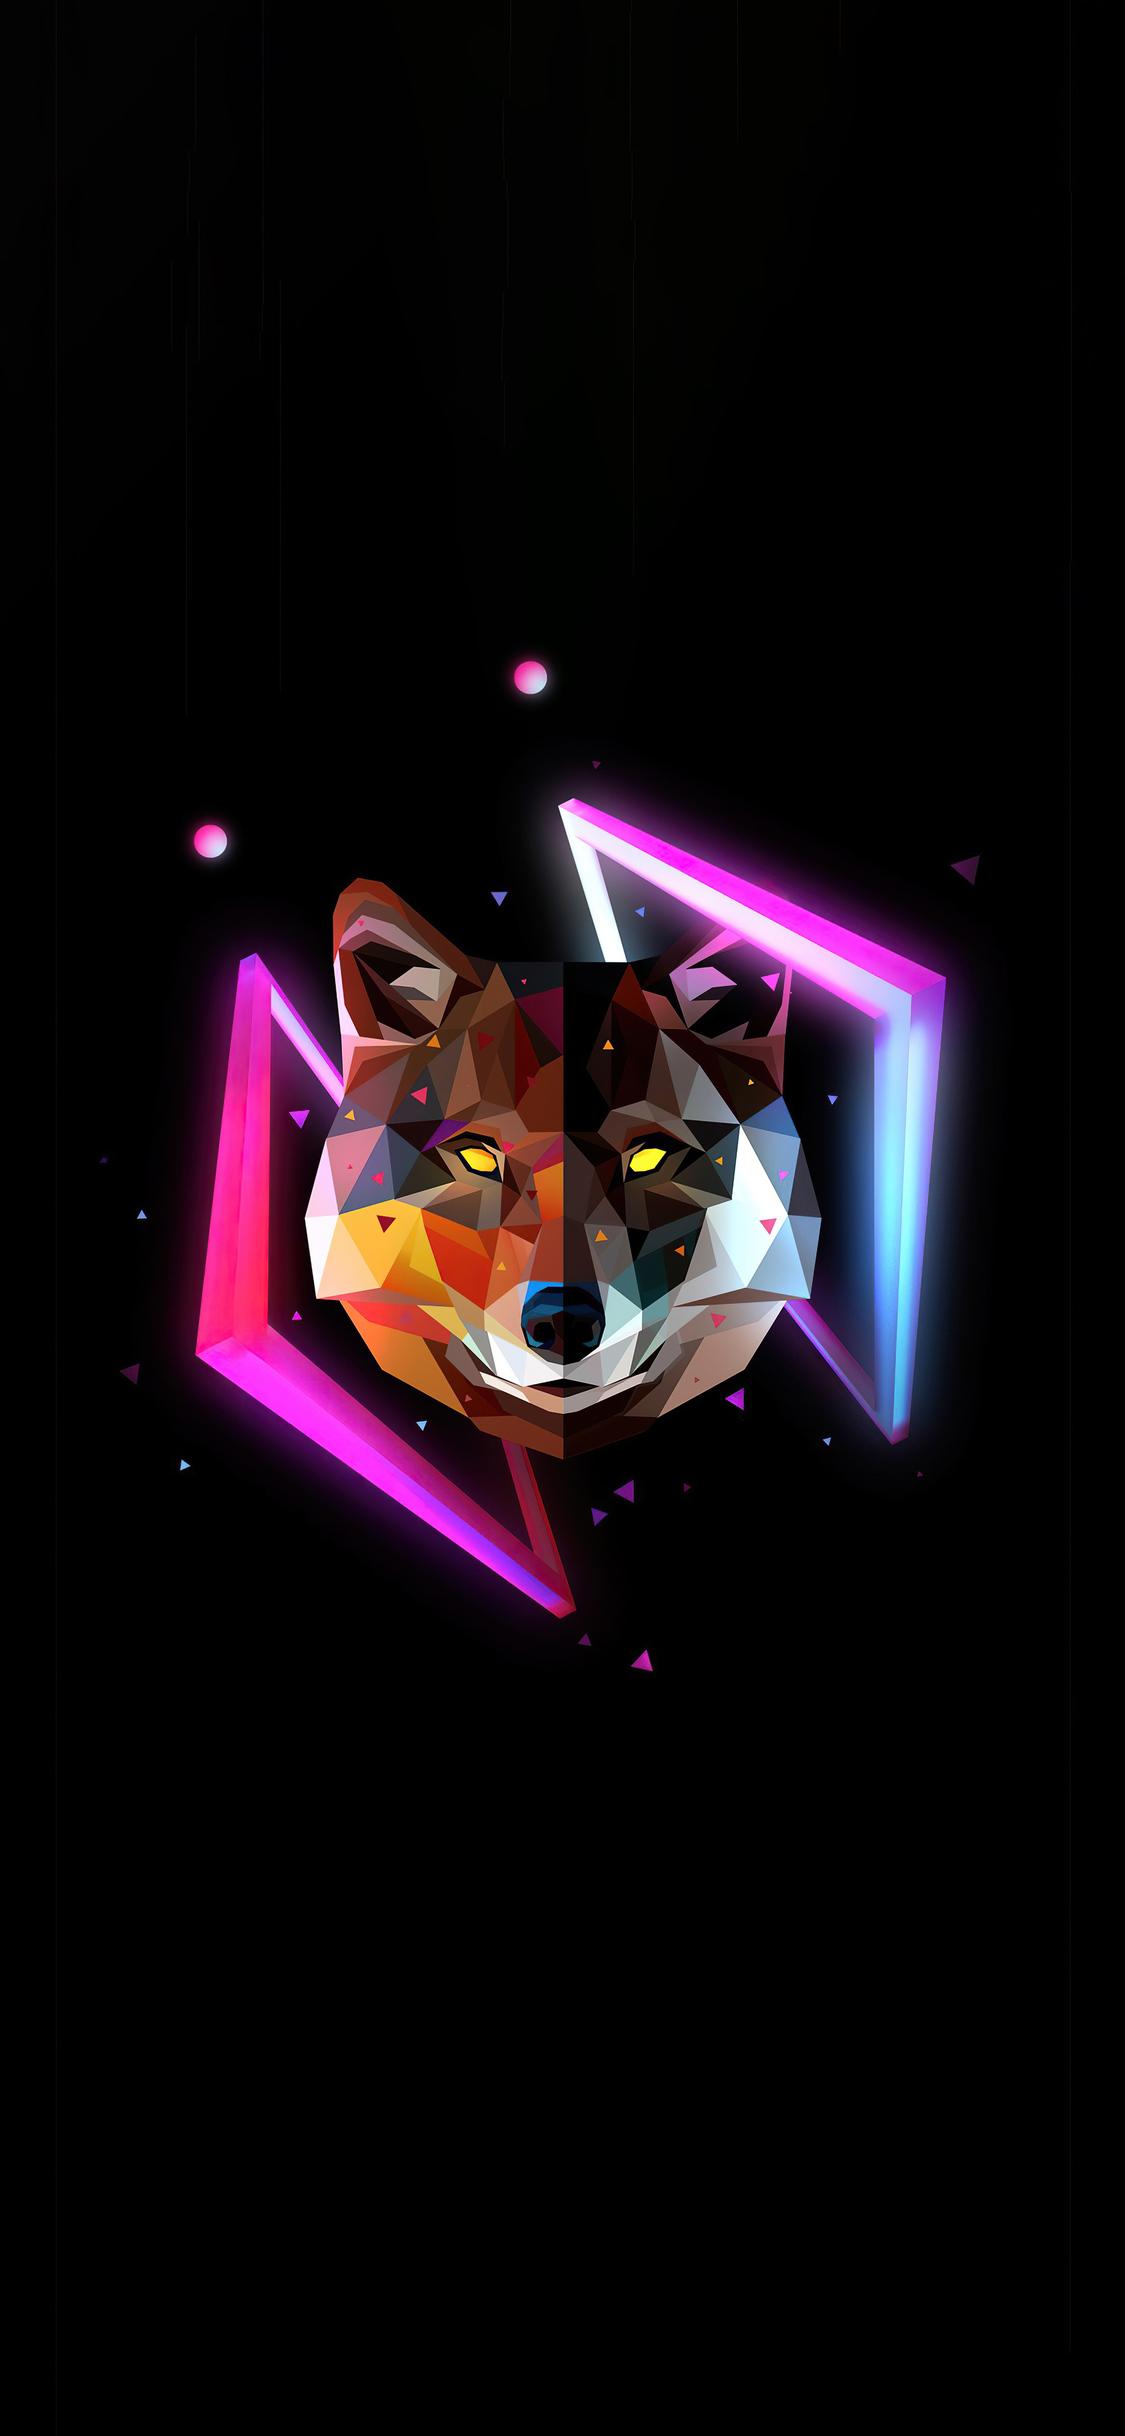 wolf-minimal-justin-maller-4k-at.jpg